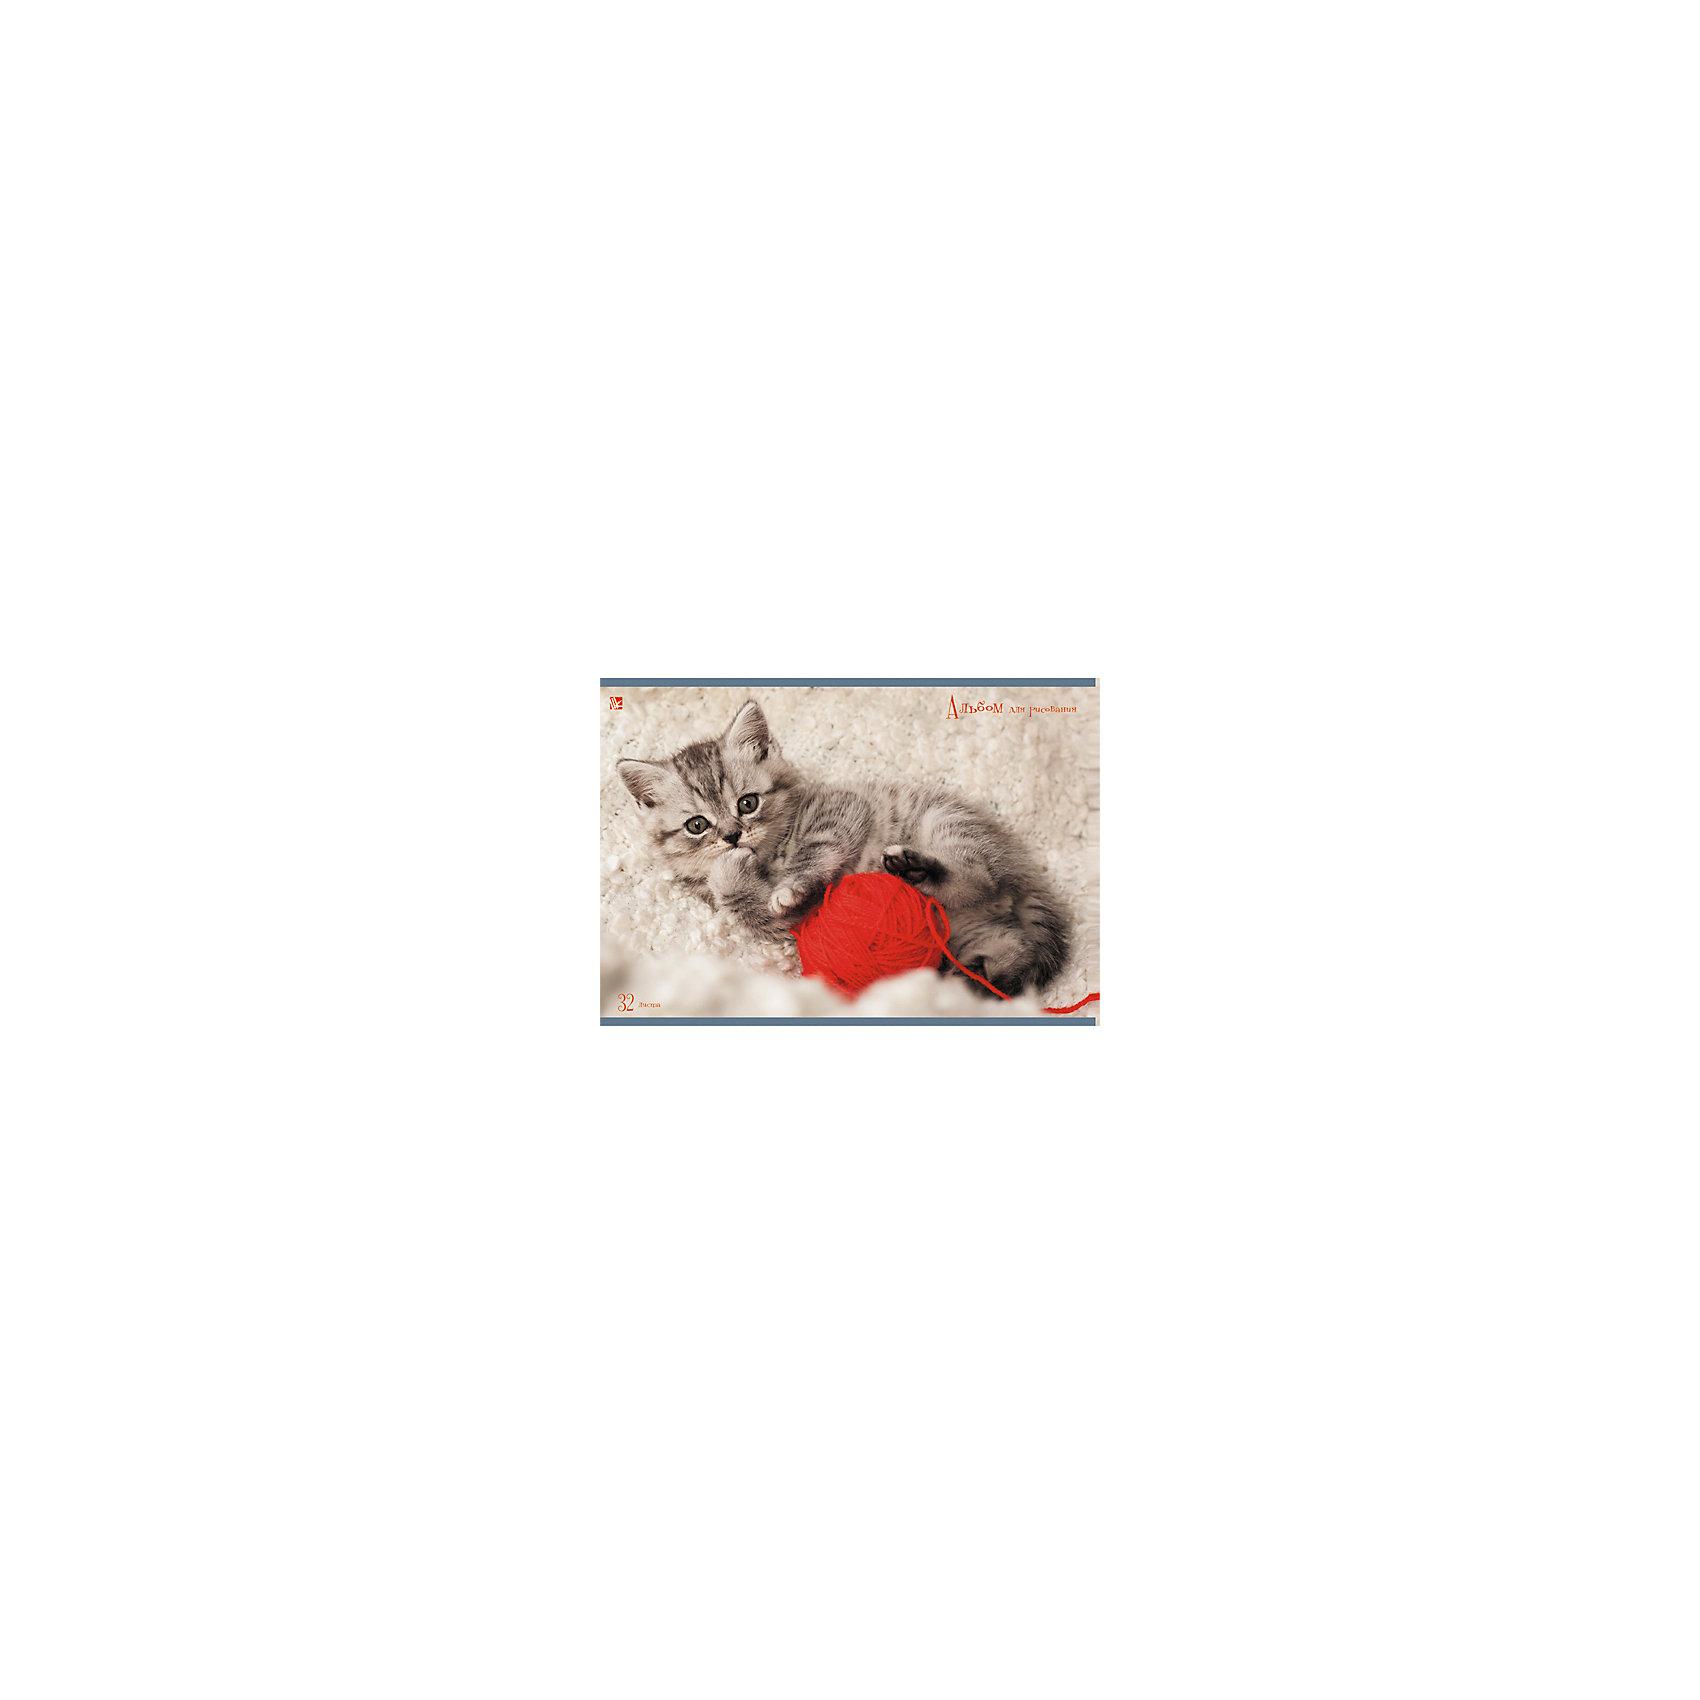 Альбом для рисования Котенок с клубком, 32лБумажная продукция<br>Альбом Котенок с клубком с очаровательной обложкой несомненно станет лучшим помощником ребенка в создании красивых рисунков. Плотная бумага позволит рисовать без лишних усилий, не боясь запачкать другие листы. Прекрасно подойдет для детского творчества!<br><br>Дополнительная информация:<br>Количество листов: 32<br>Скрепление: скрепка.<br>Обложка: мелованный картон.<br>Бумага: офсет, плотностью 110 г/м2.<br>Вы можете приобрести альбом Котенок с клубком в нашем интернет-магазине.<br><br>Ширина мм: 210<br>Глубина мм: 297<br>Высота мм: 10<br>Вес г: 208<br>Возраст от месяцев: 72<br>Возраст до месяцев: 144<br>Пол: Унисекс<br>Возраст: Детский<br>SKU: 4942442